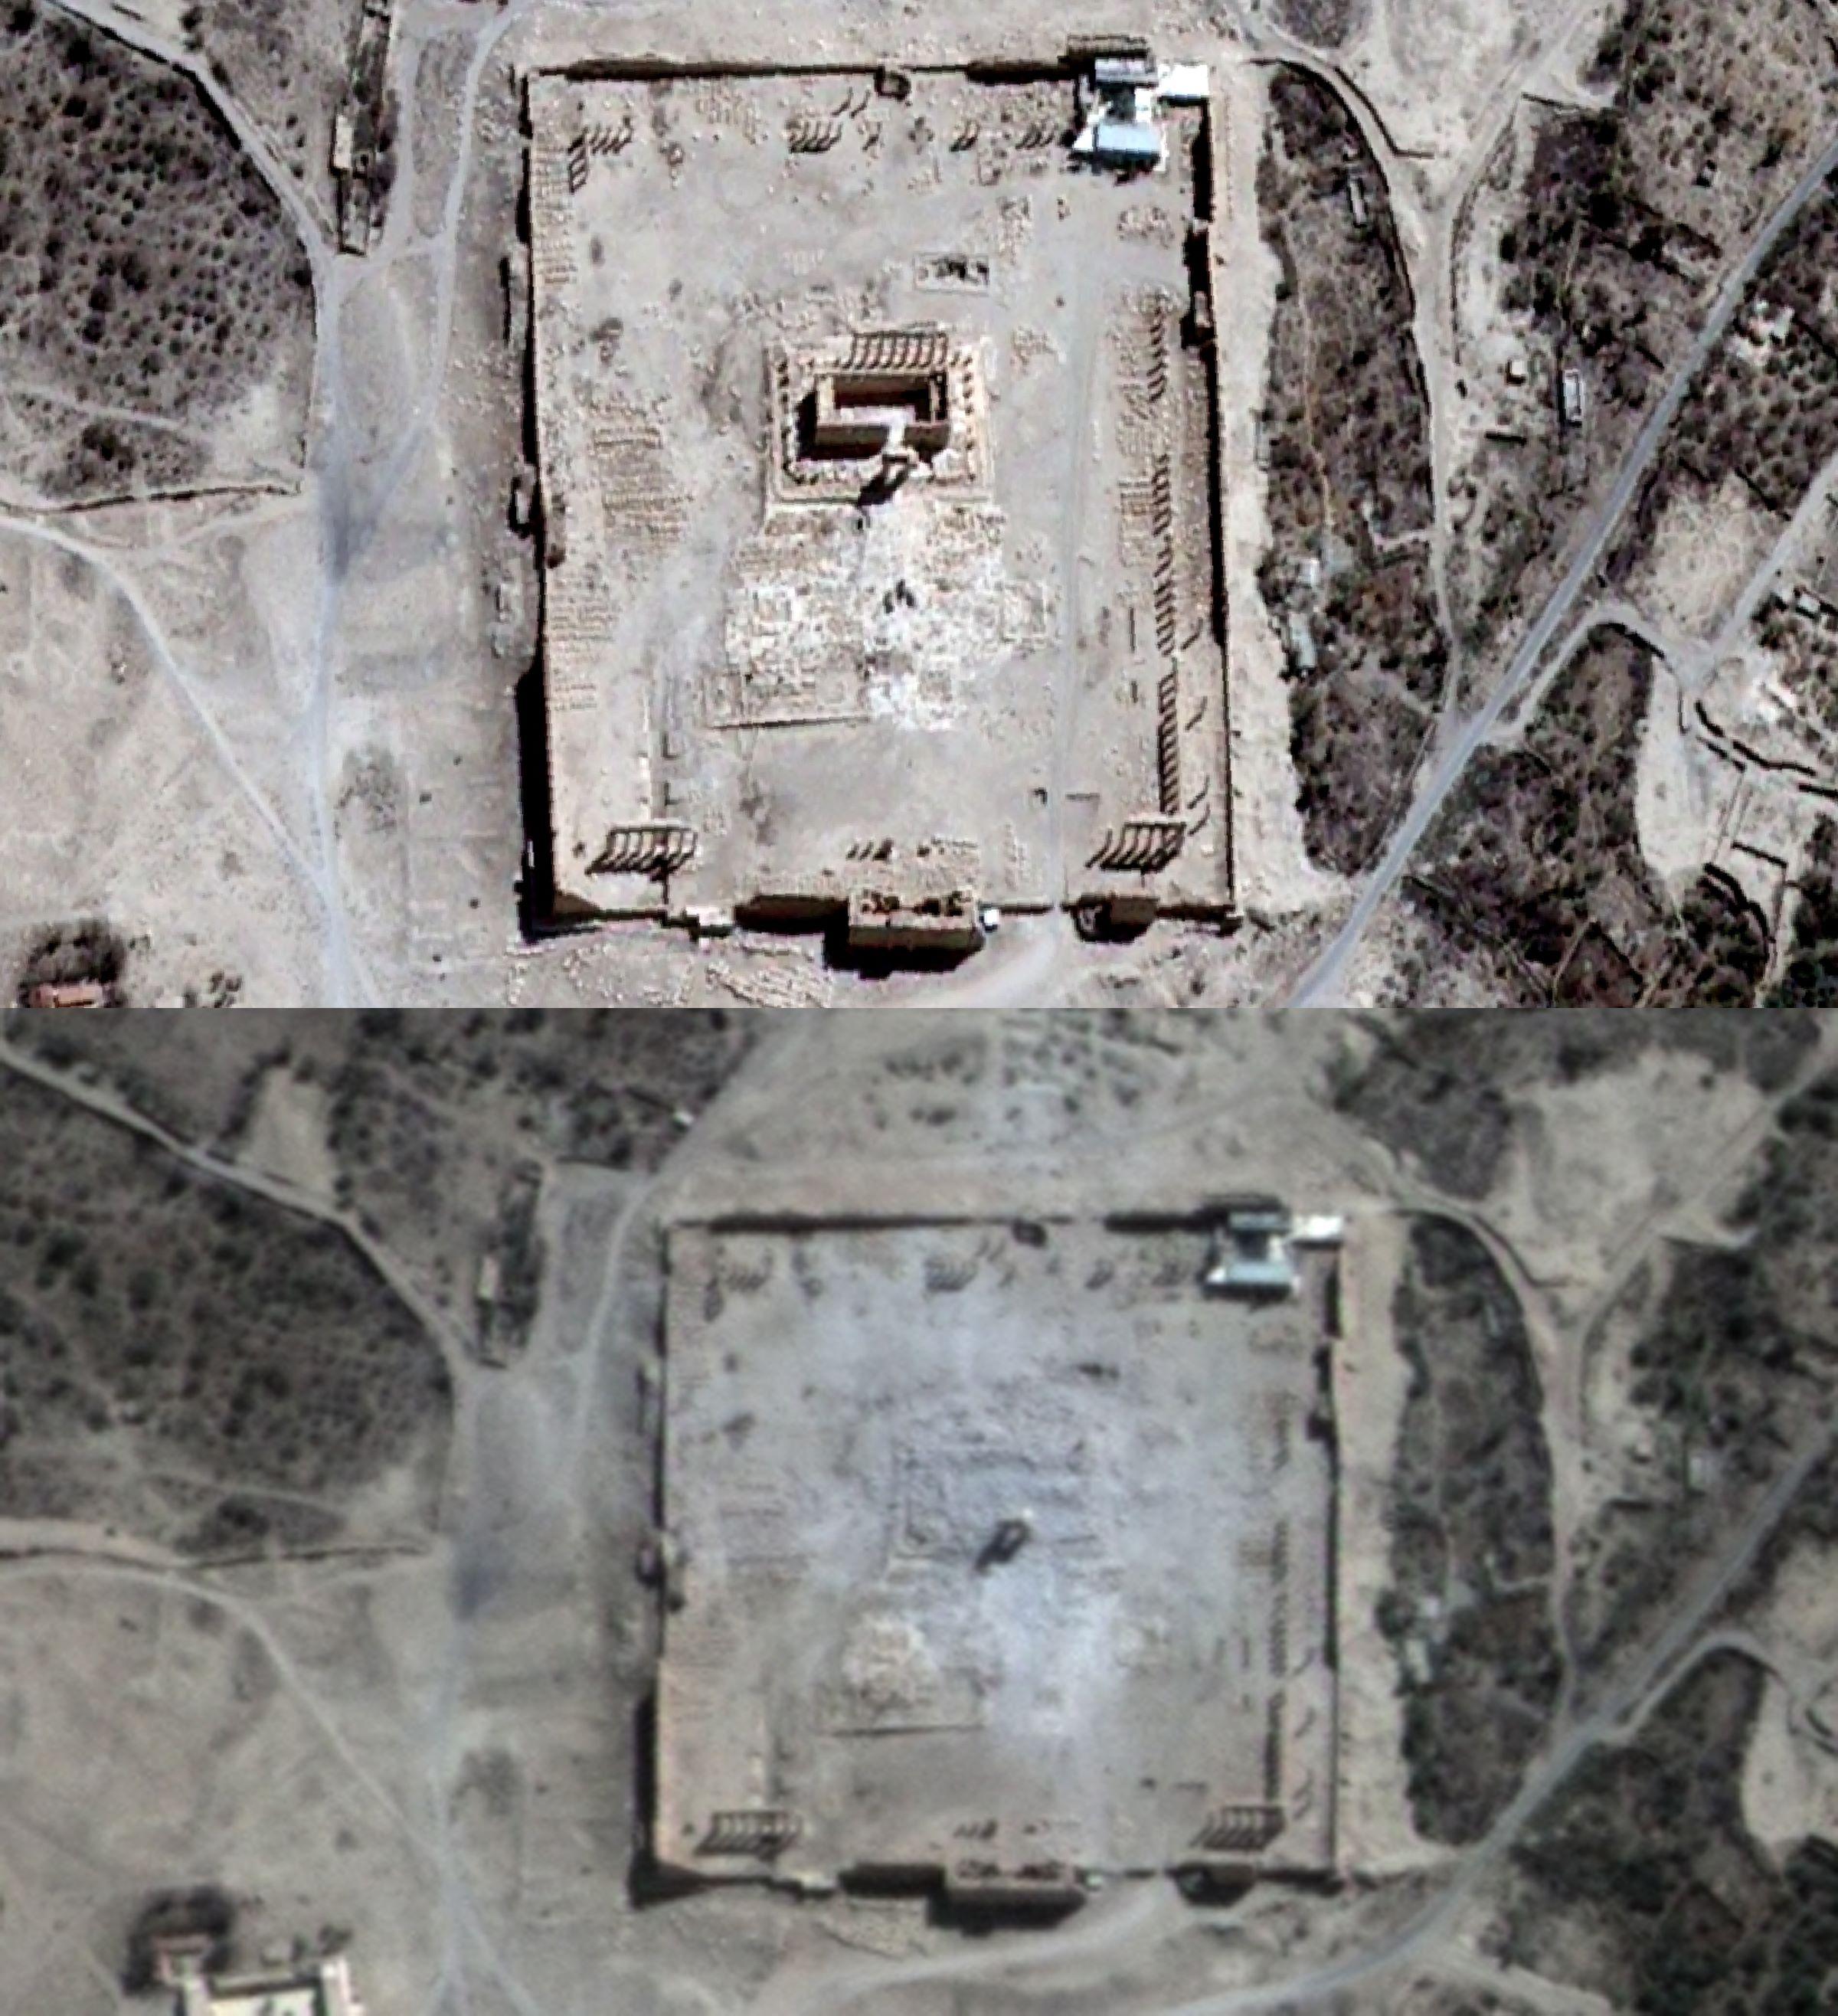 SYRIA-CONFLICT-HERITAGE-PALMYRA-UN